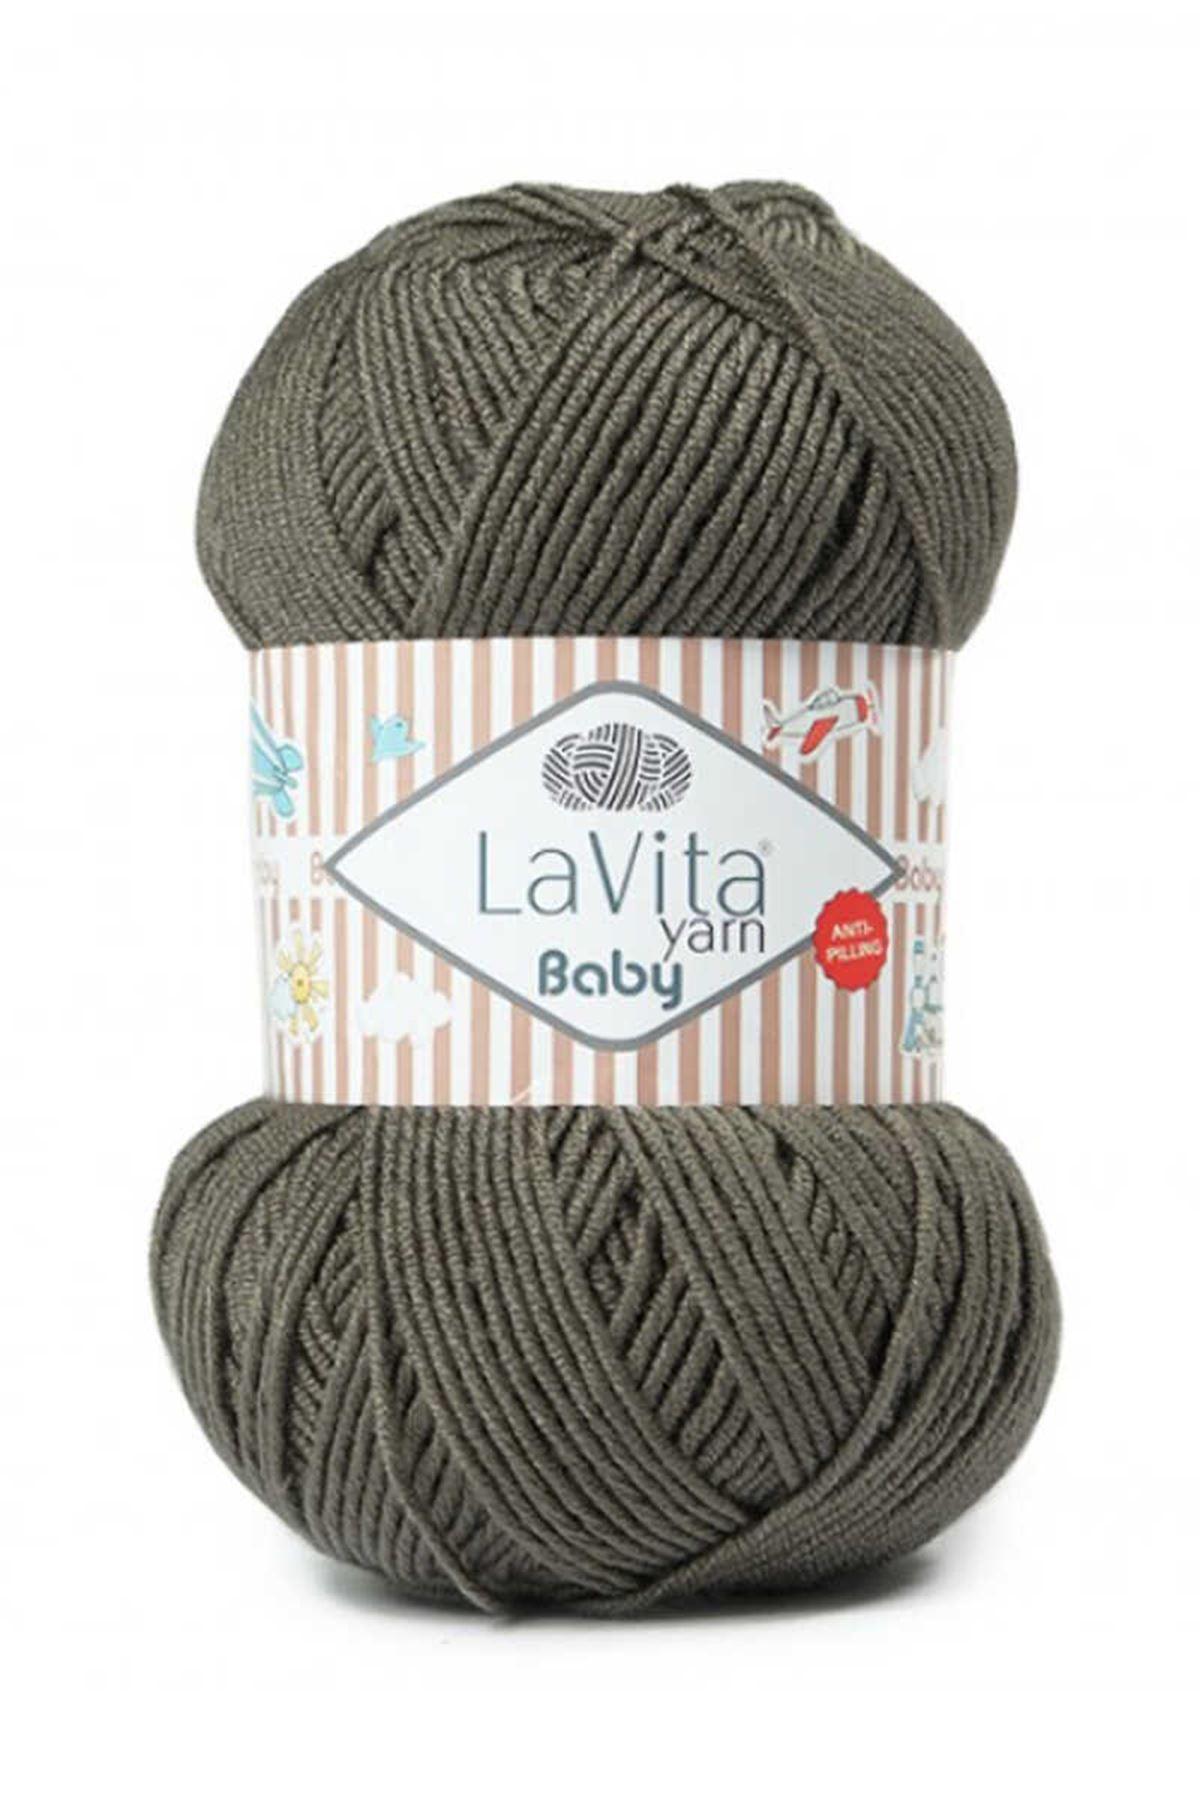 Lavita Baby - 8143 Asker Yeşili